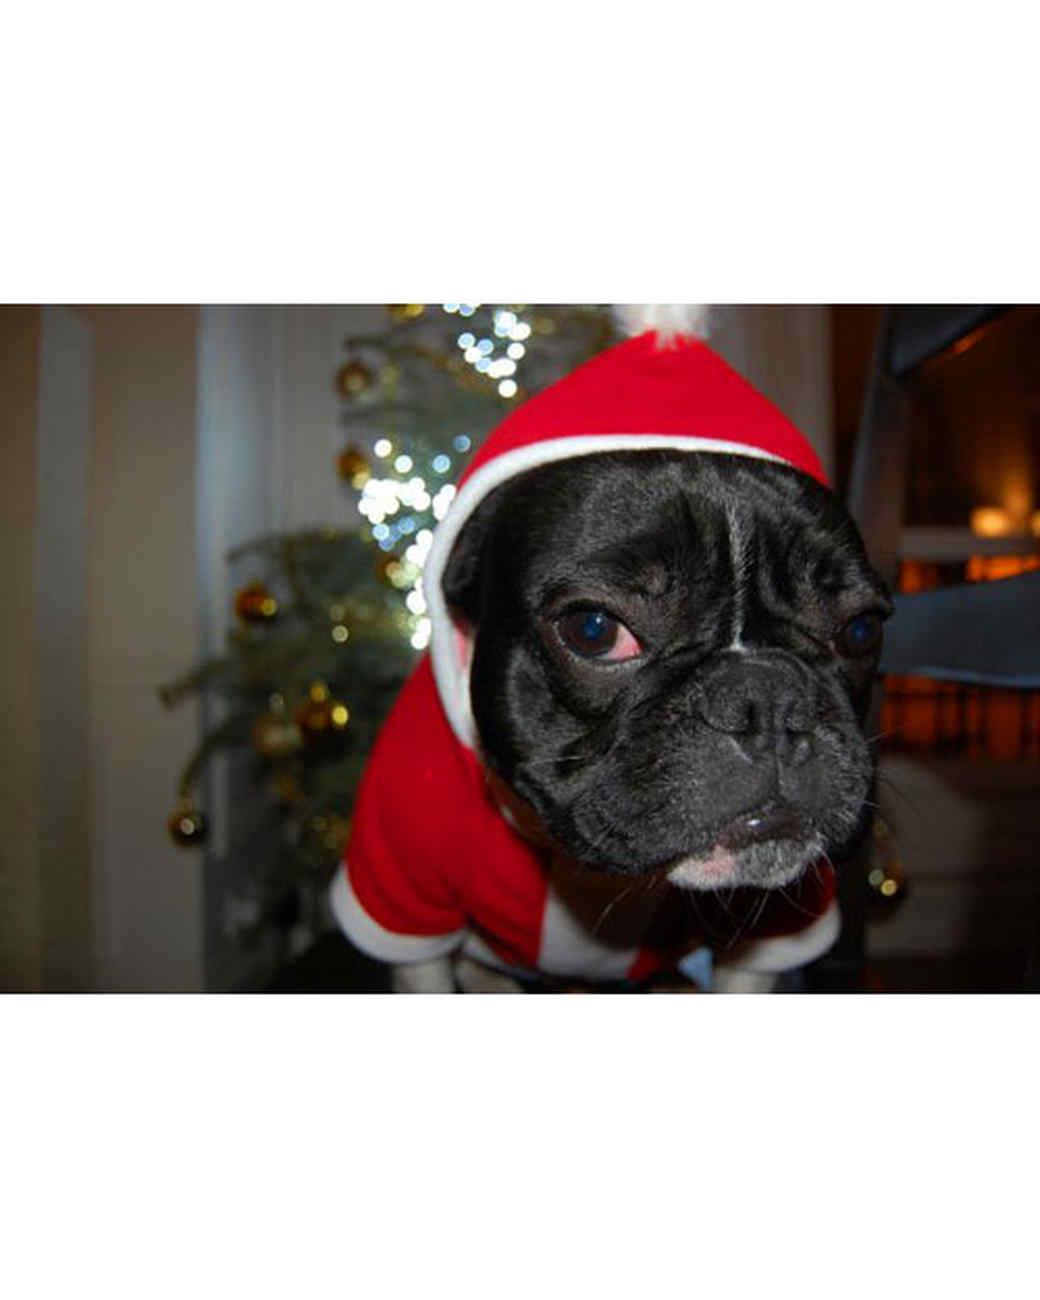 pets_ugc_santa_11628061_11946413.jpg